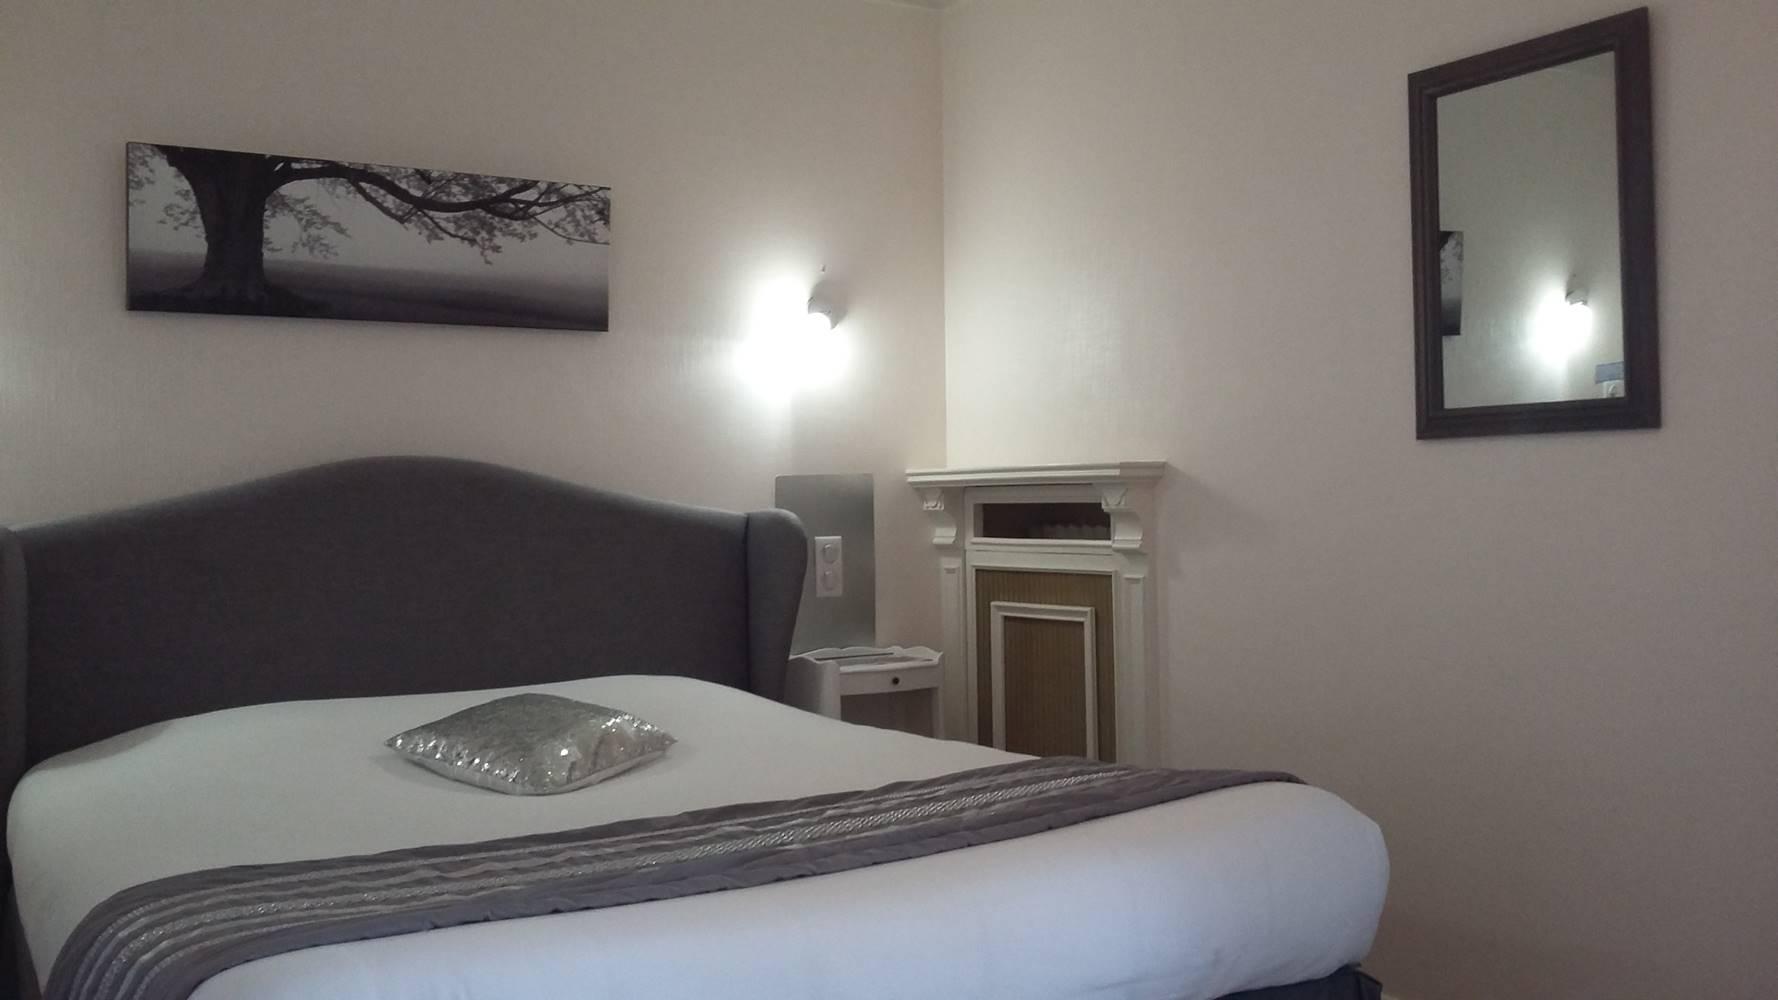 Hotel Les deux Magots - La Roche-Bernard - Tourisme Arc Sud Bretagne © Trélohan